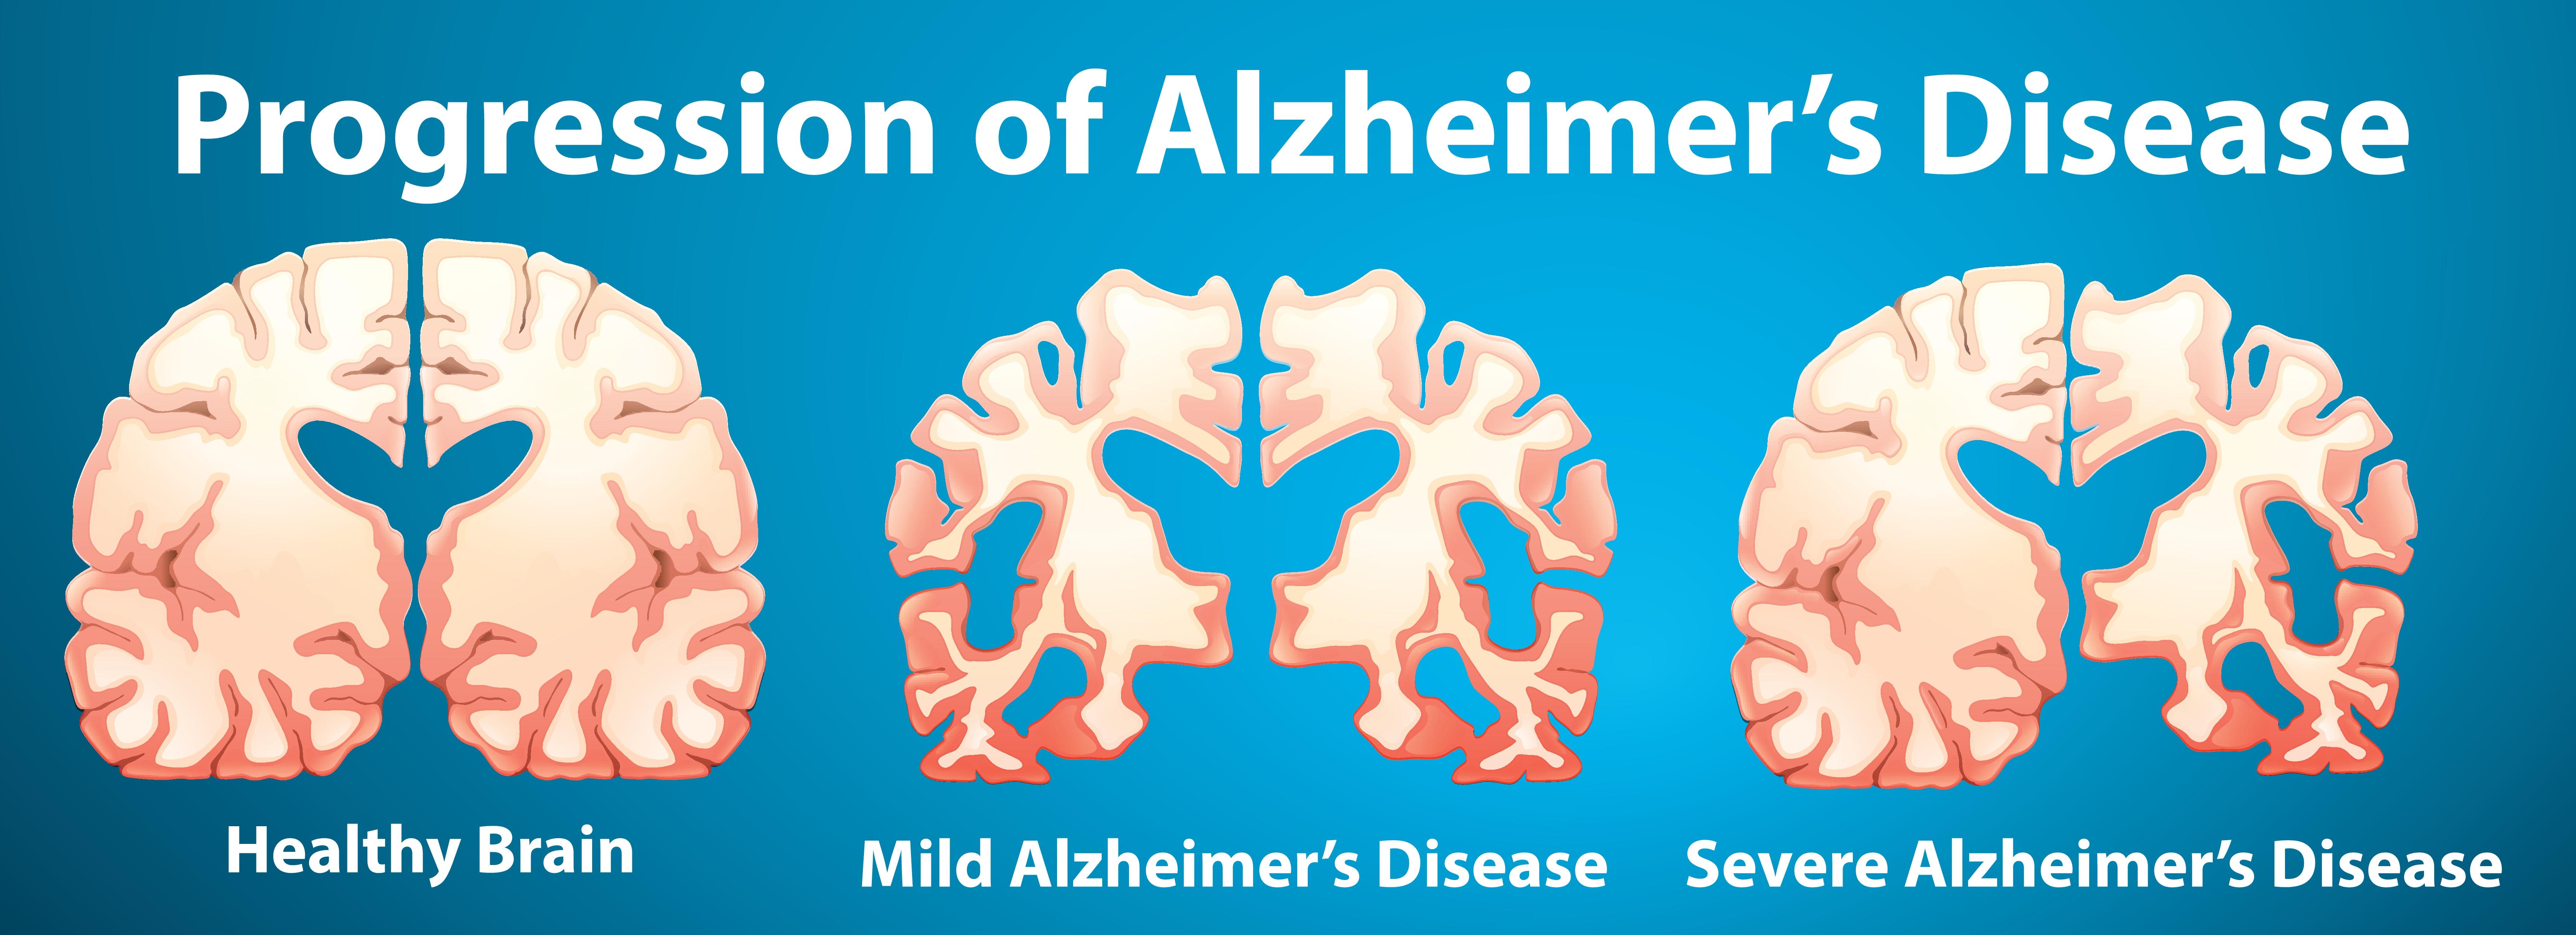 hvorfor dør man af alzheimers